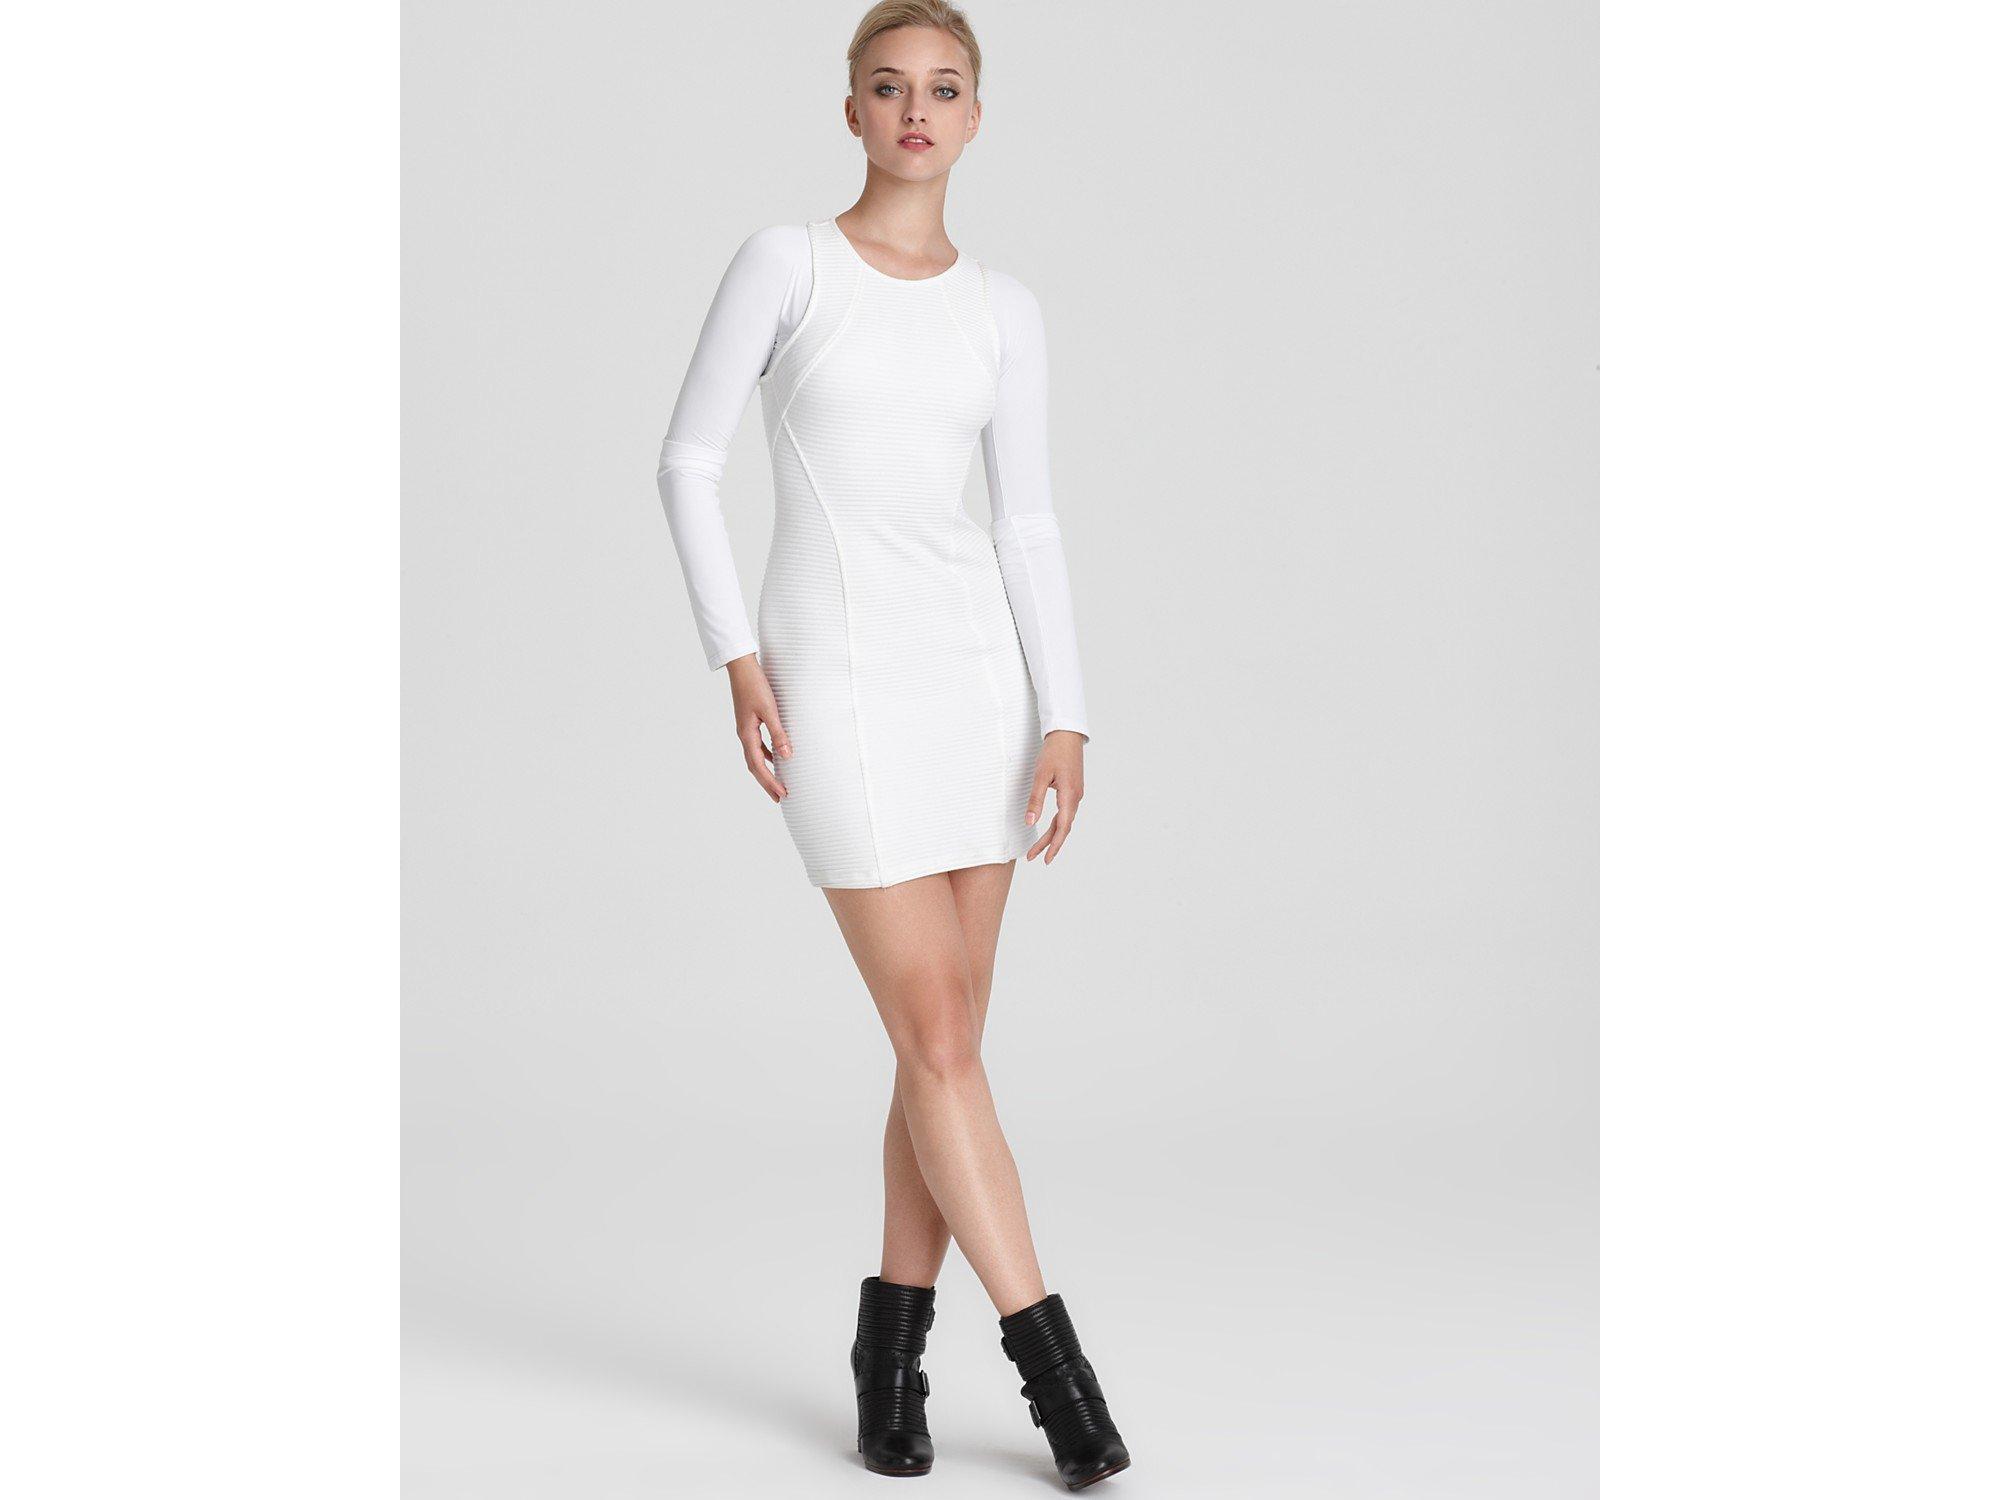 Wedding White Long Sleeve Dress kimberly ovitz paavo long sleeve dress in white lyst gallery